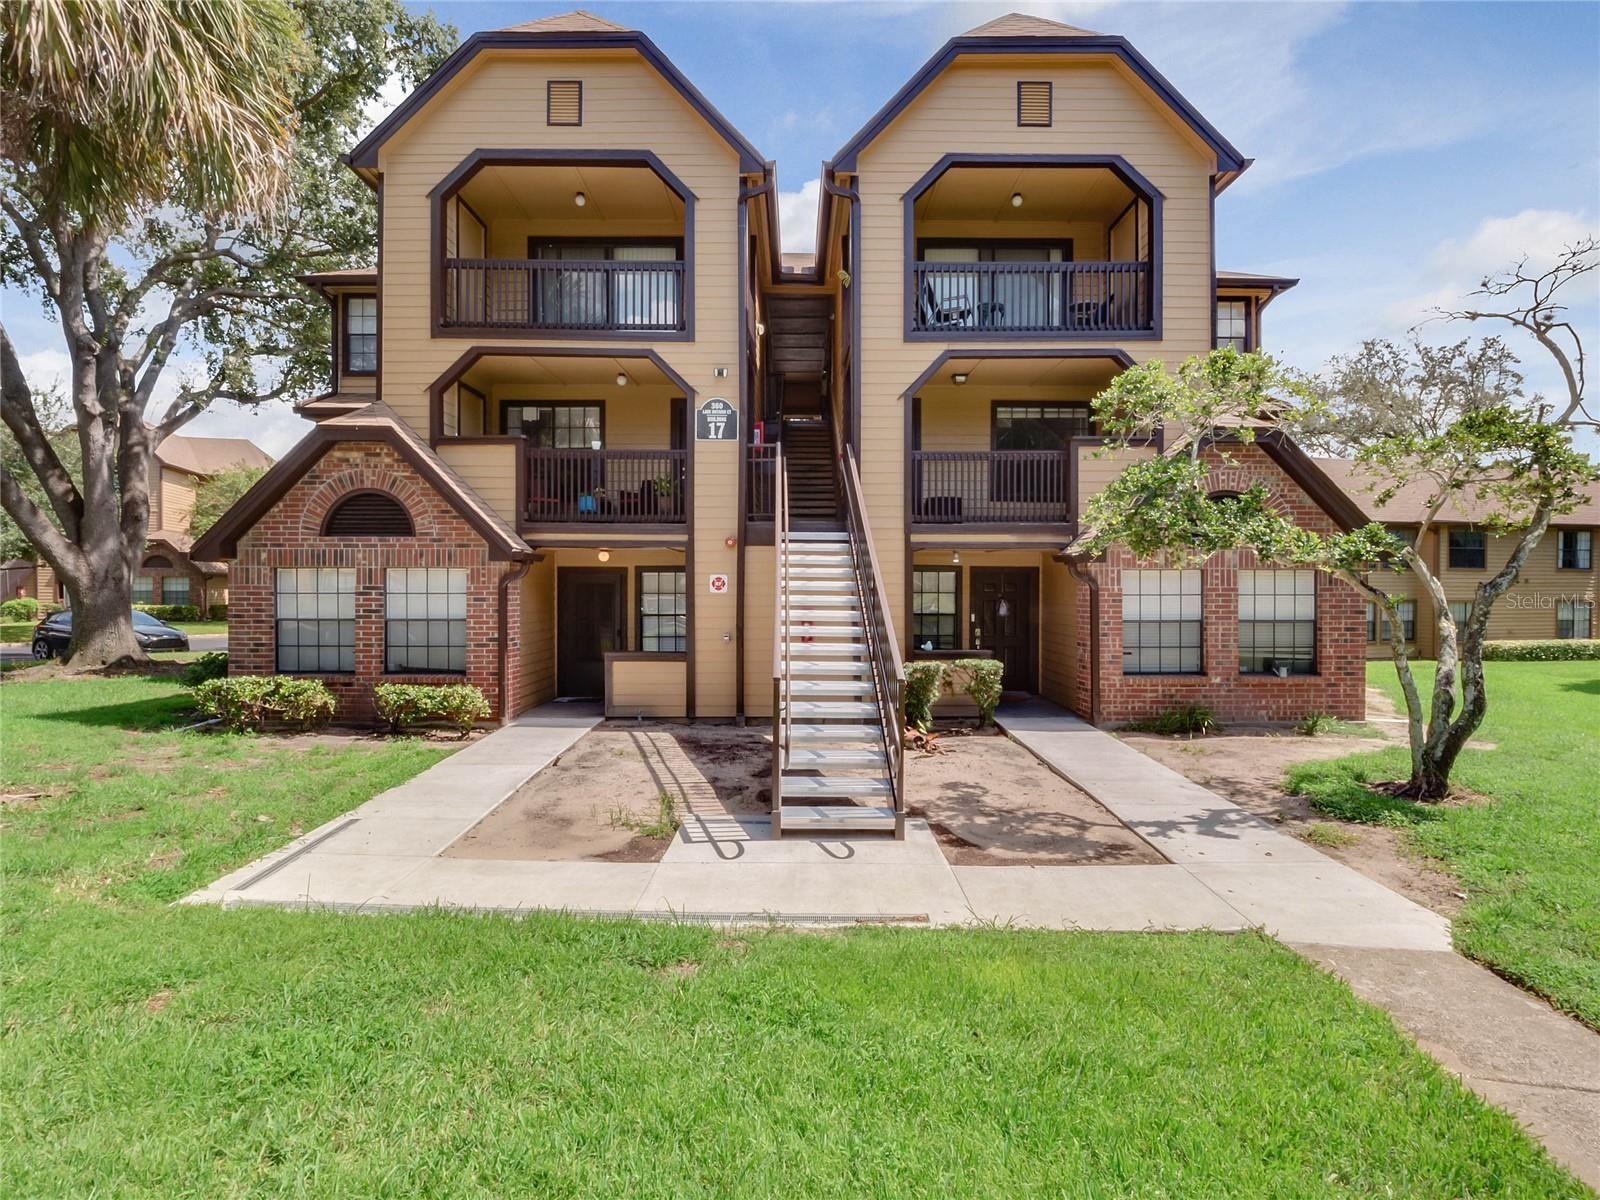 360 LAKE ONTARIO COURT #202, Altamonte Springs, FL 32701 - #: O5967561